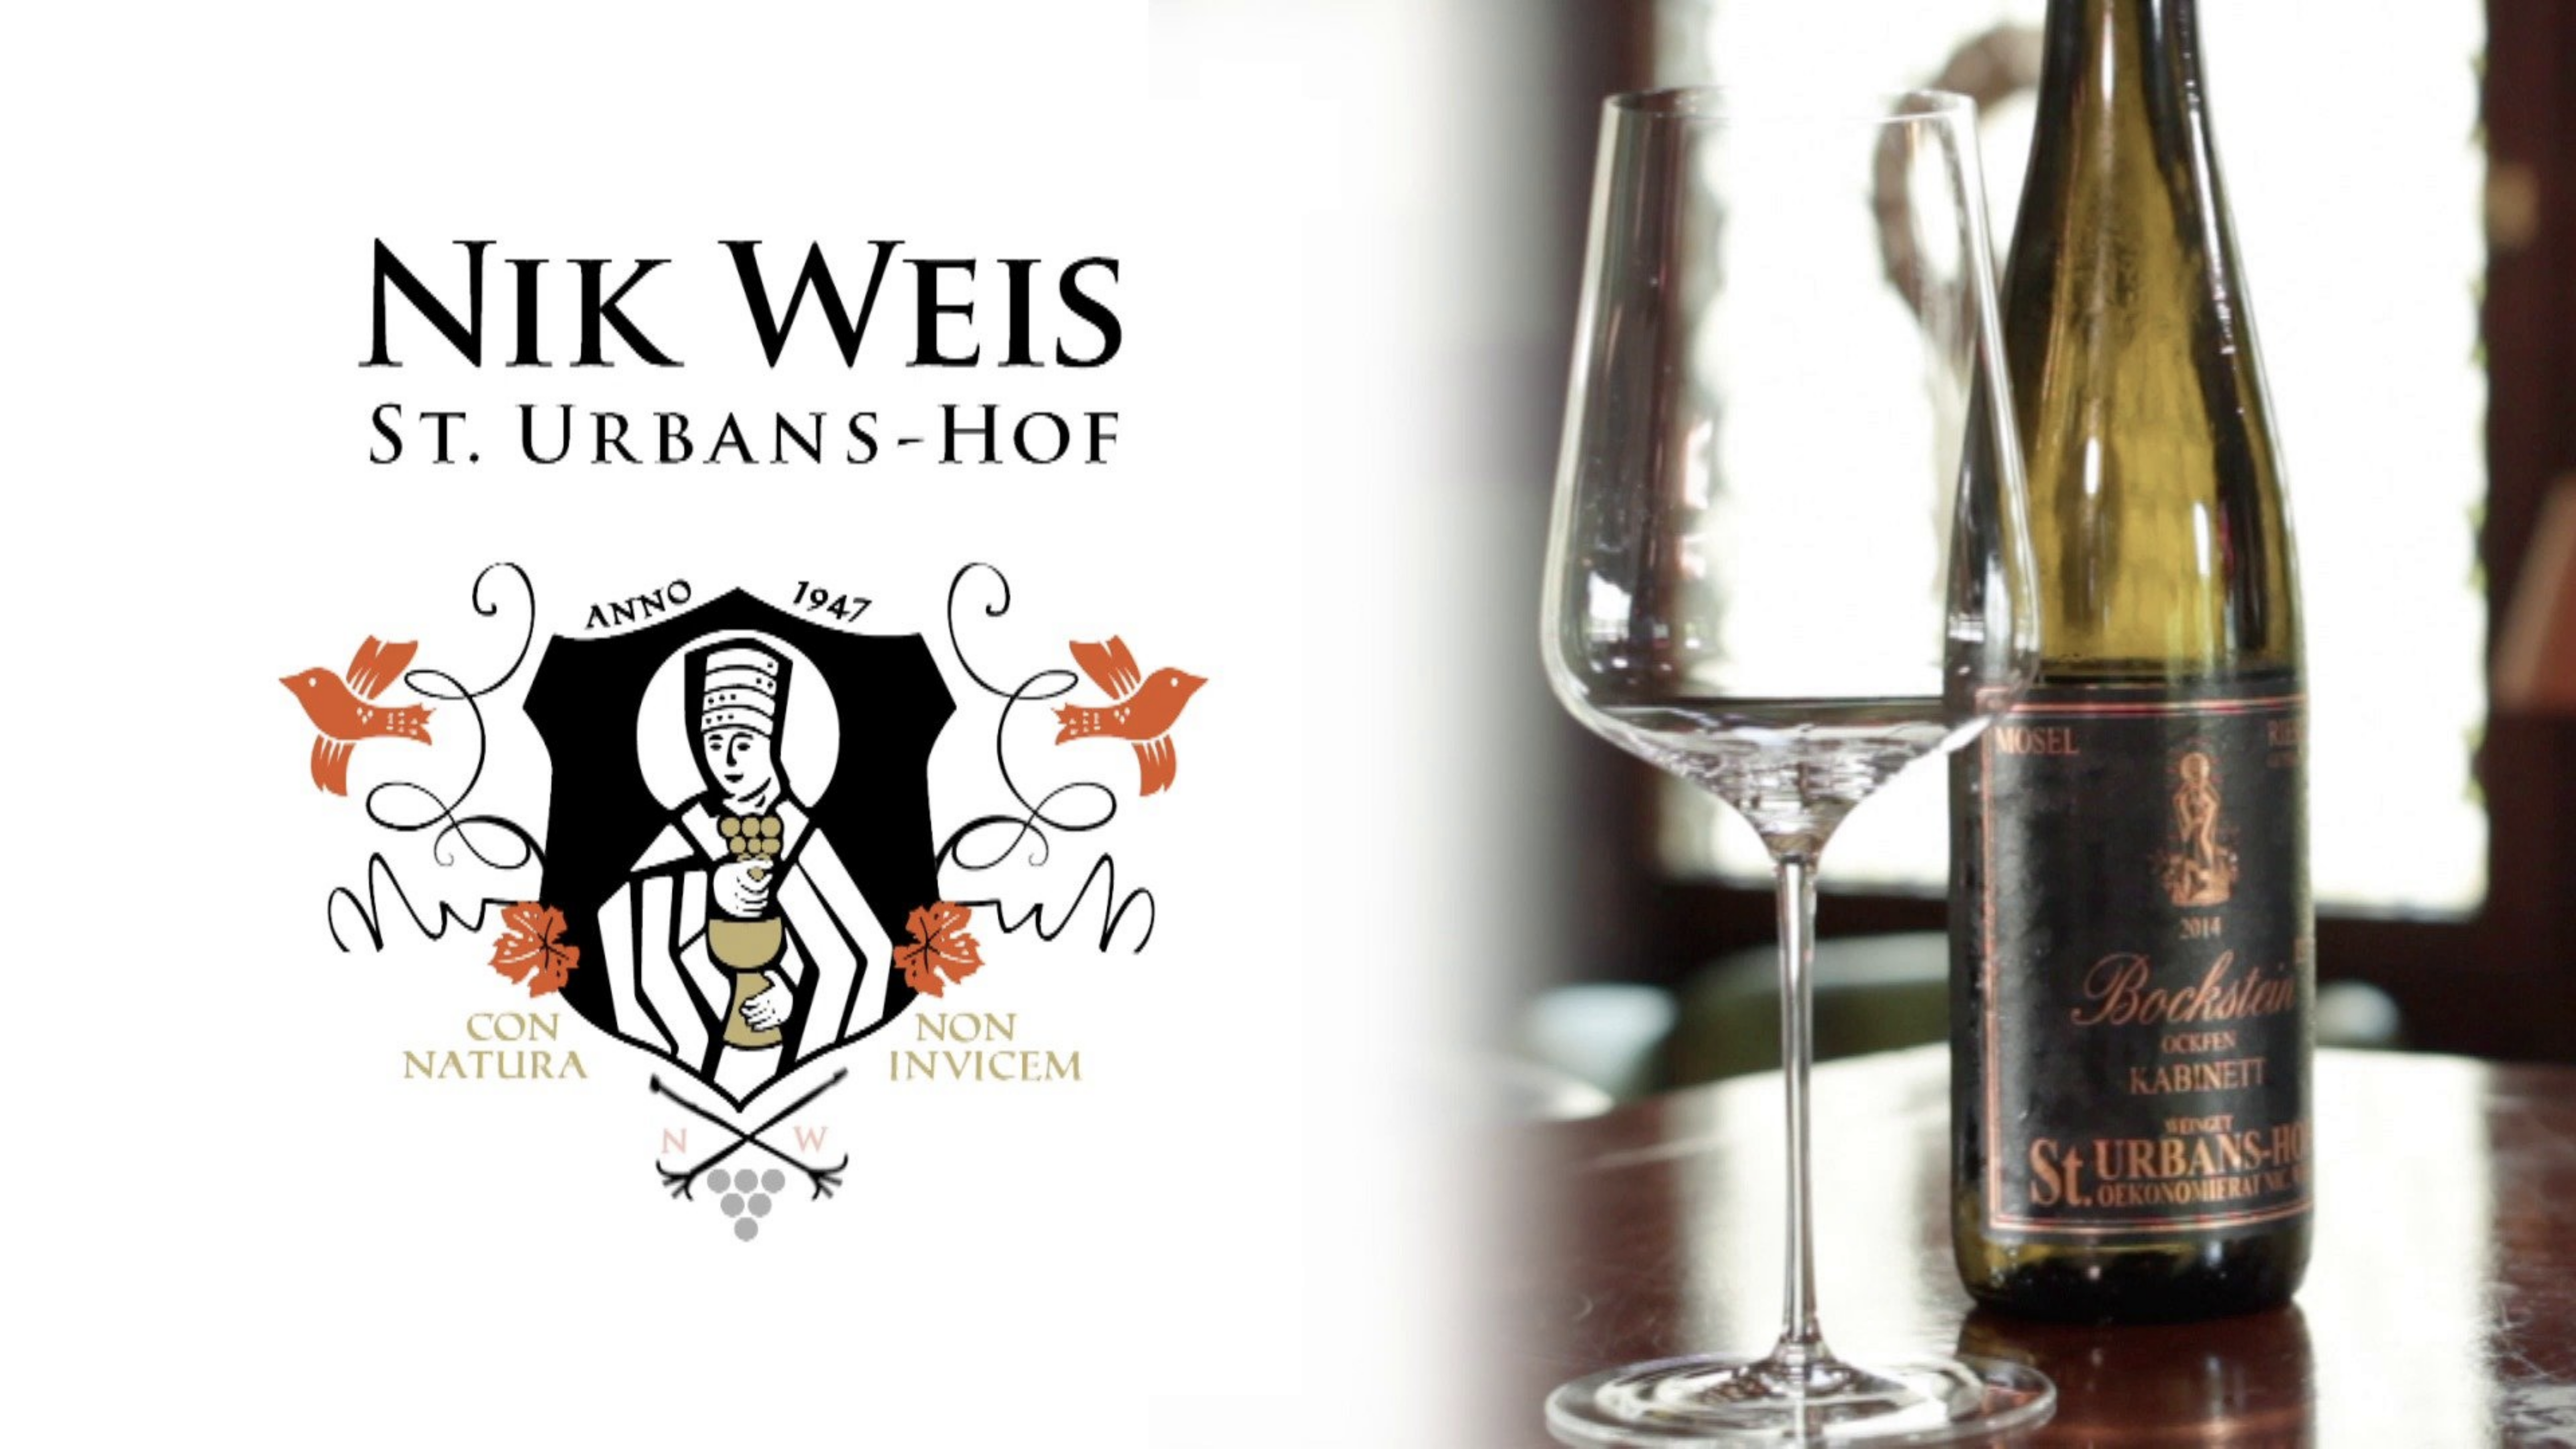 Nik Weis St. Urbans-Hof – Bockstein Riesling